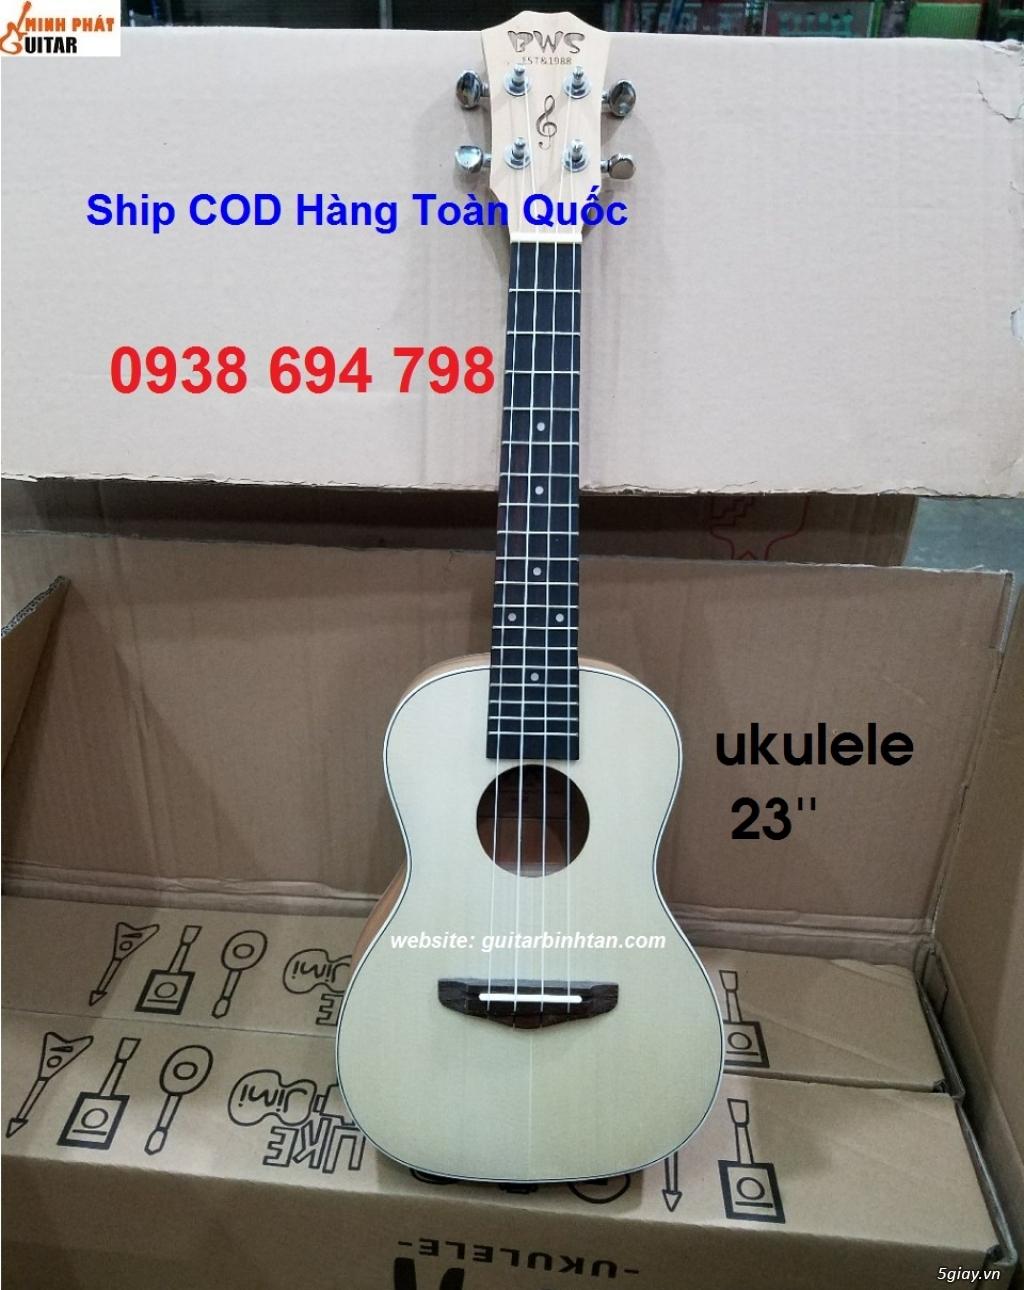 Đàn ukulele giá rẻ toàn quốc - ship COD toàn quốc - 23